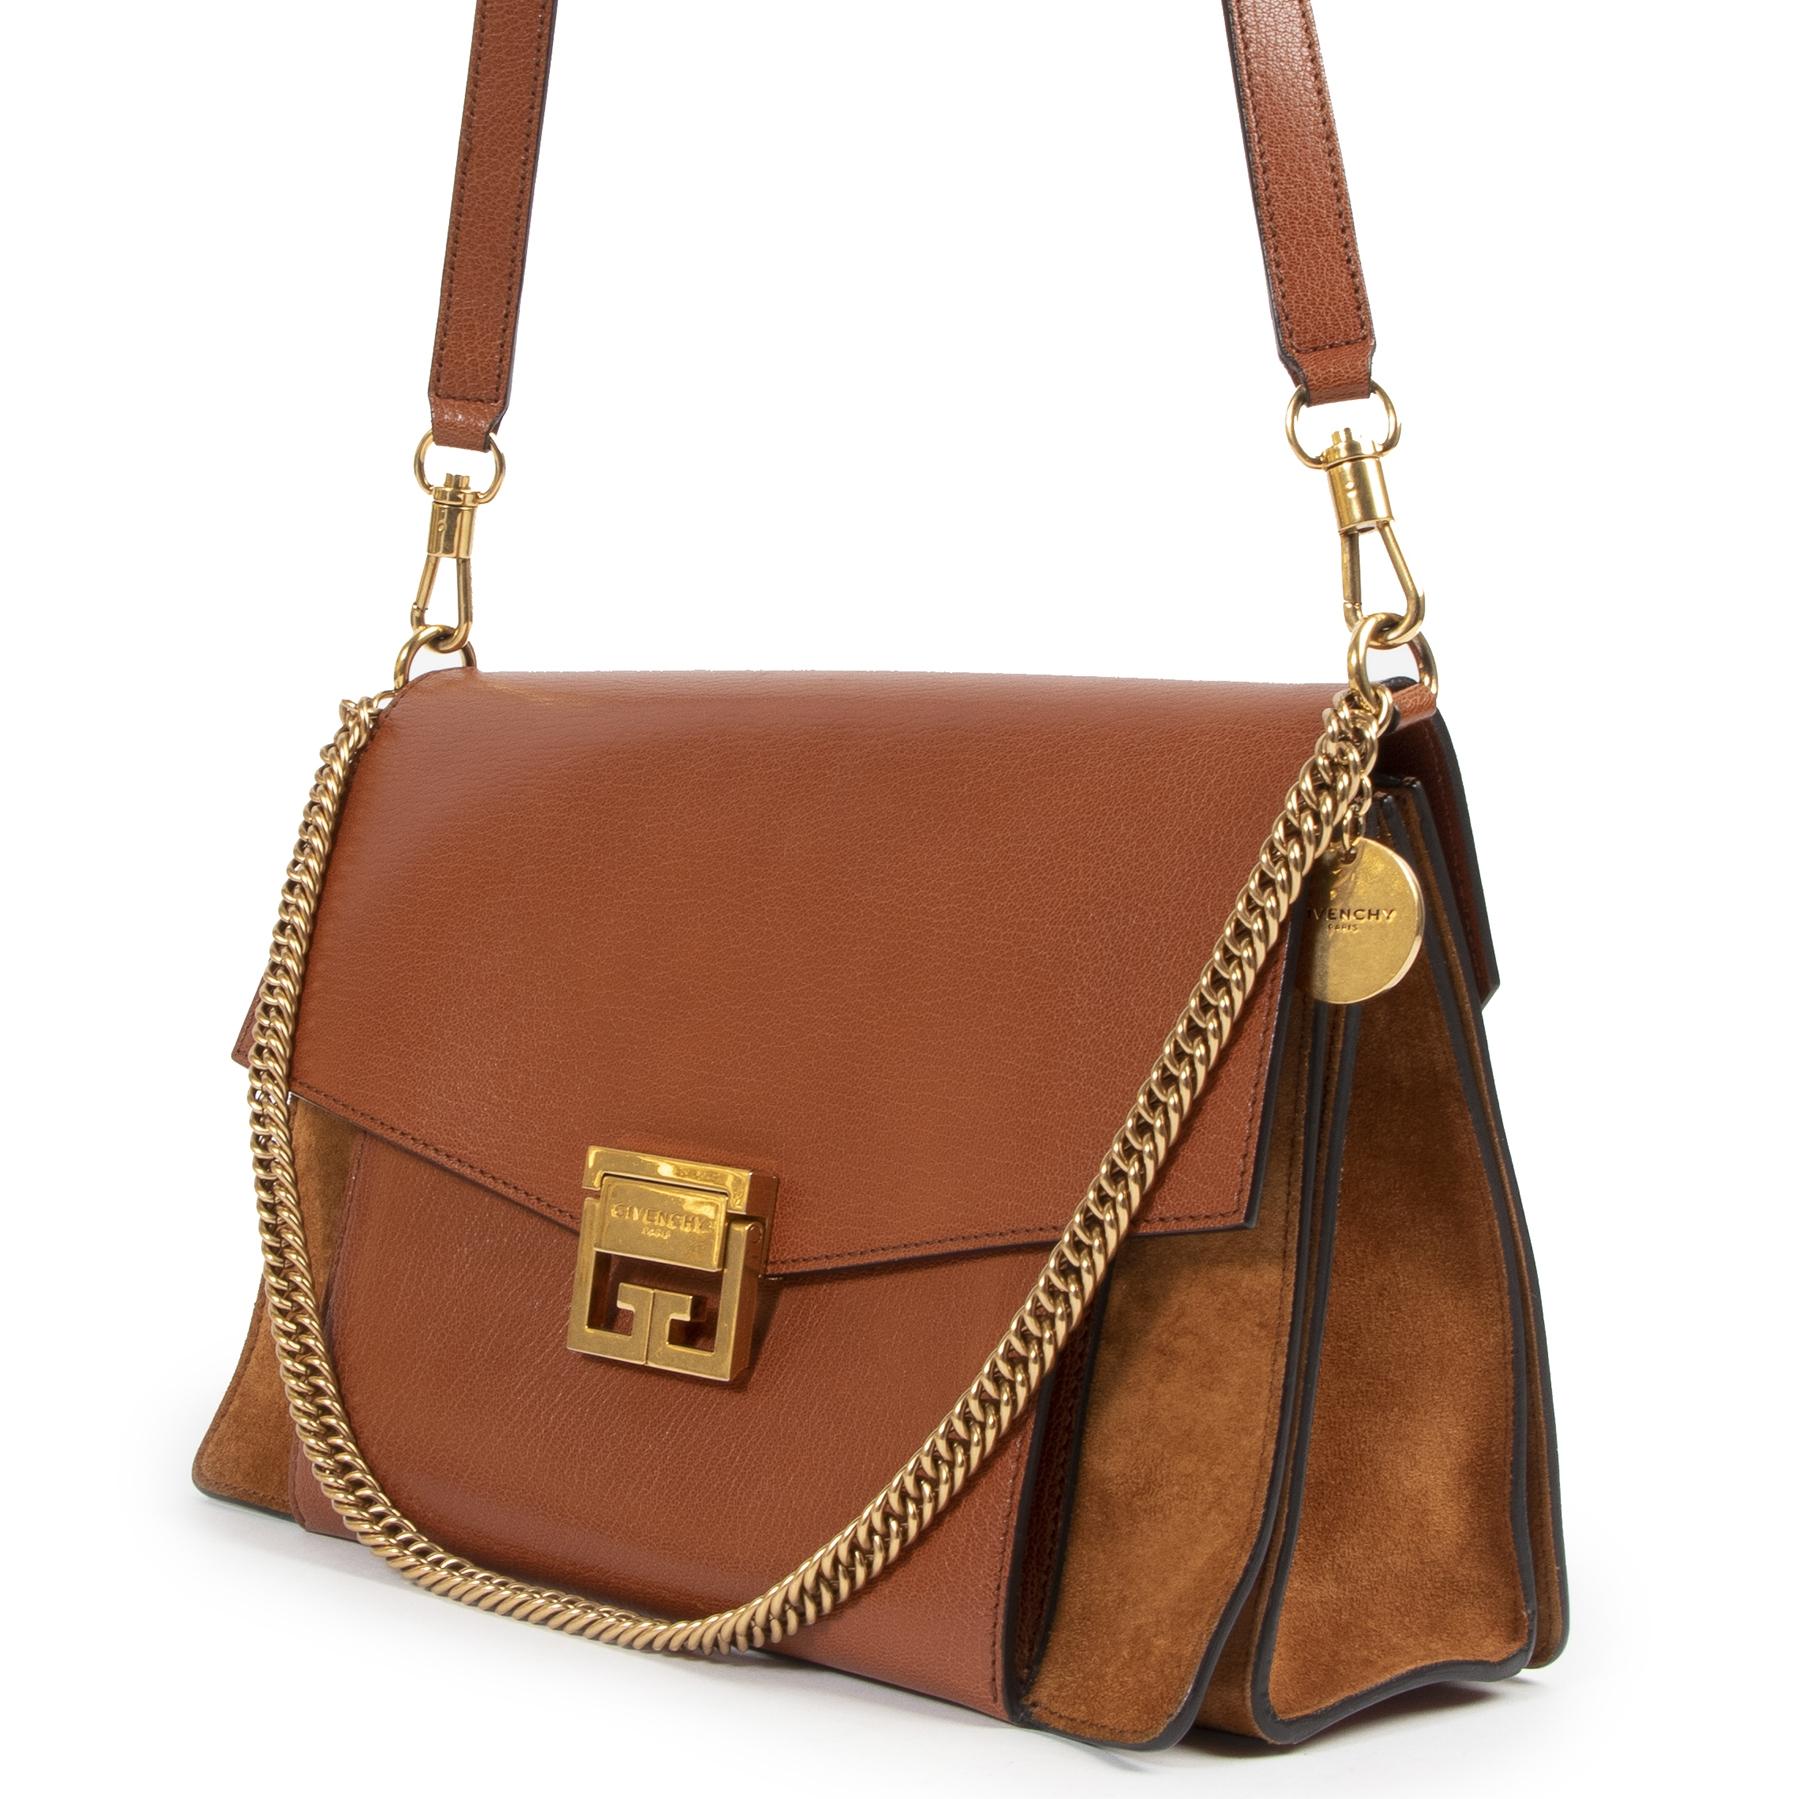 acheter en linge seconde main Givenchy Chestnut Medium GV3 Shoulder Bag